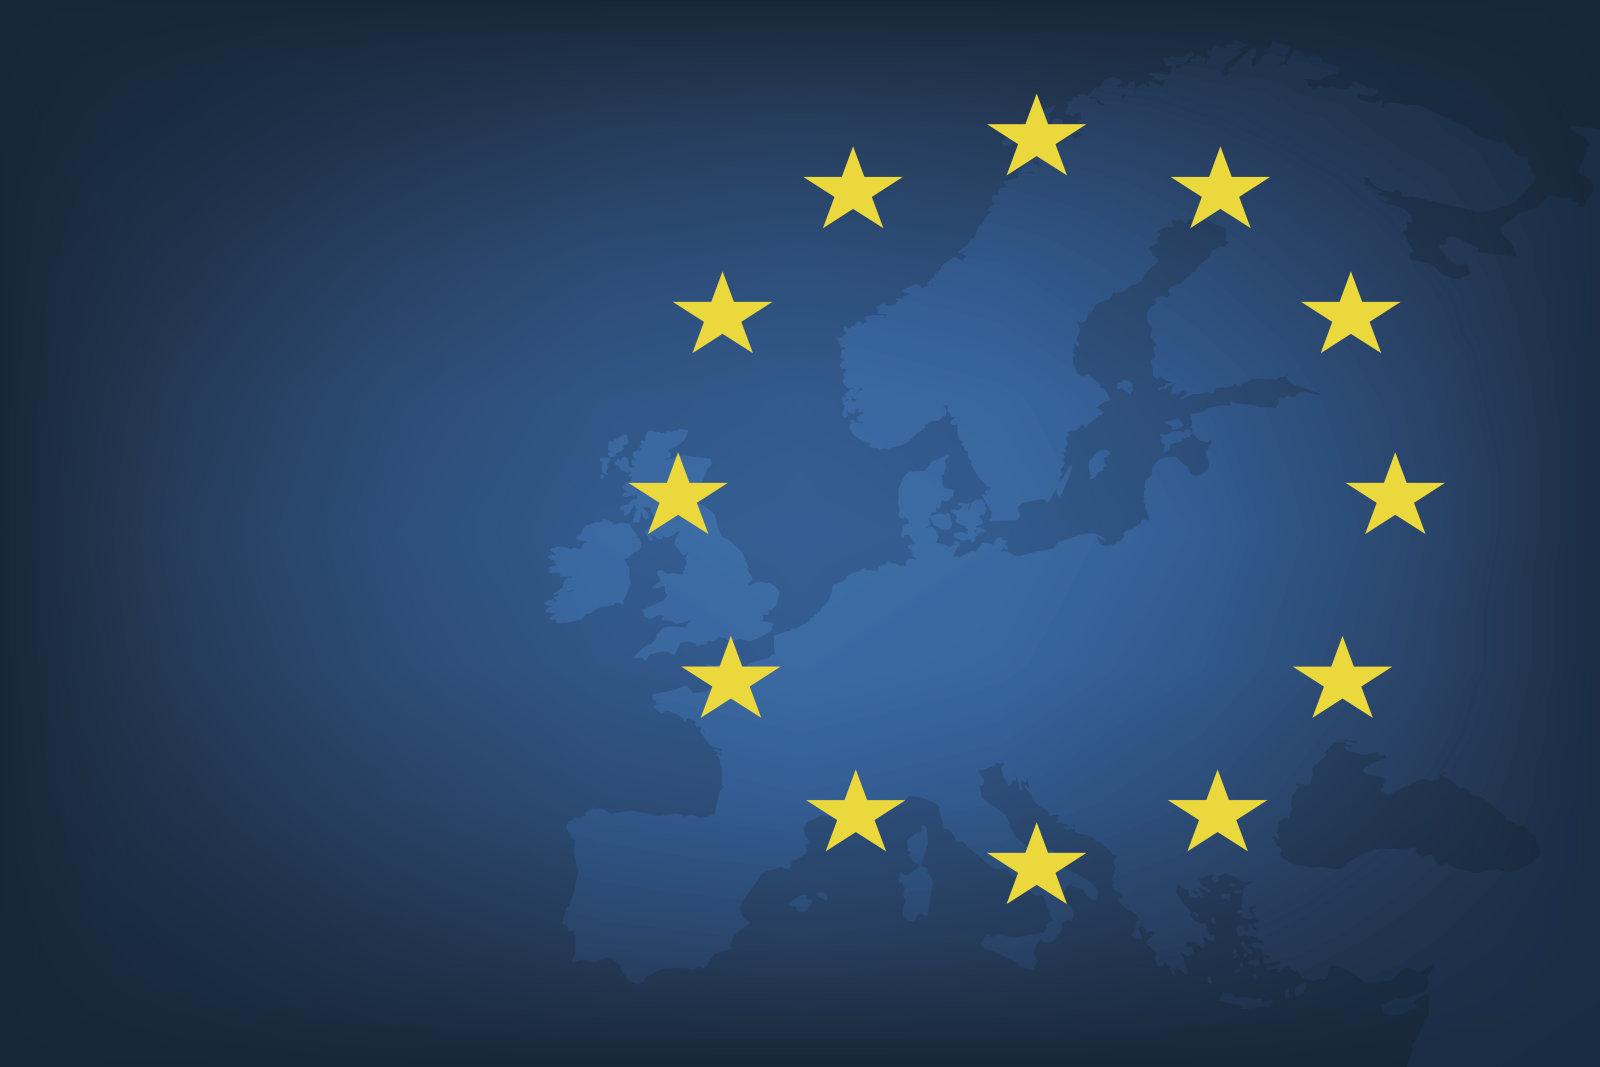 欧盟发布人工智能伦理指南,列出七条关键要求